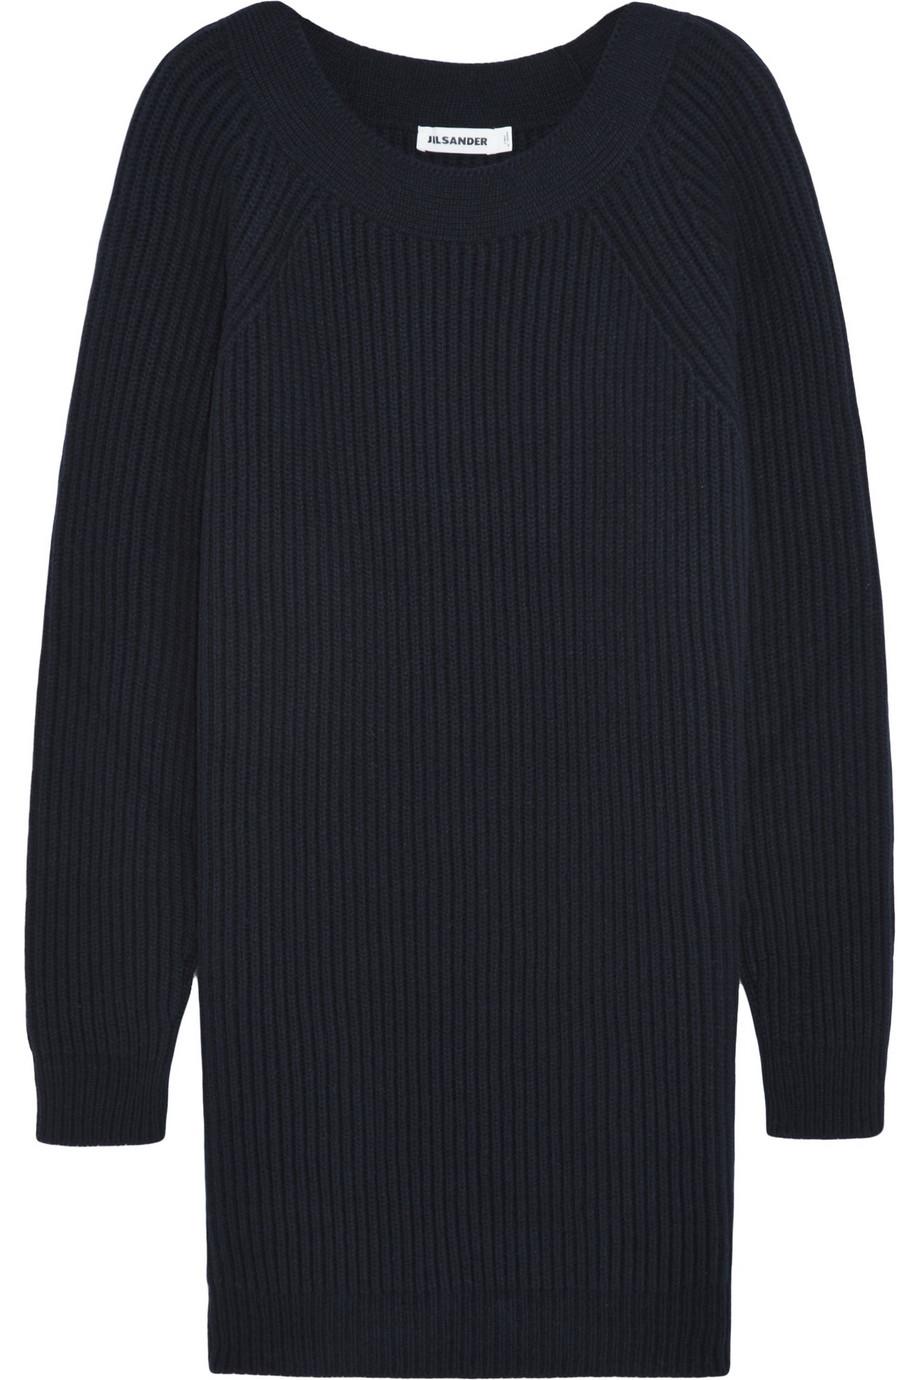 En laine, Jil Sander, 950€ sur Net-a-porter.com